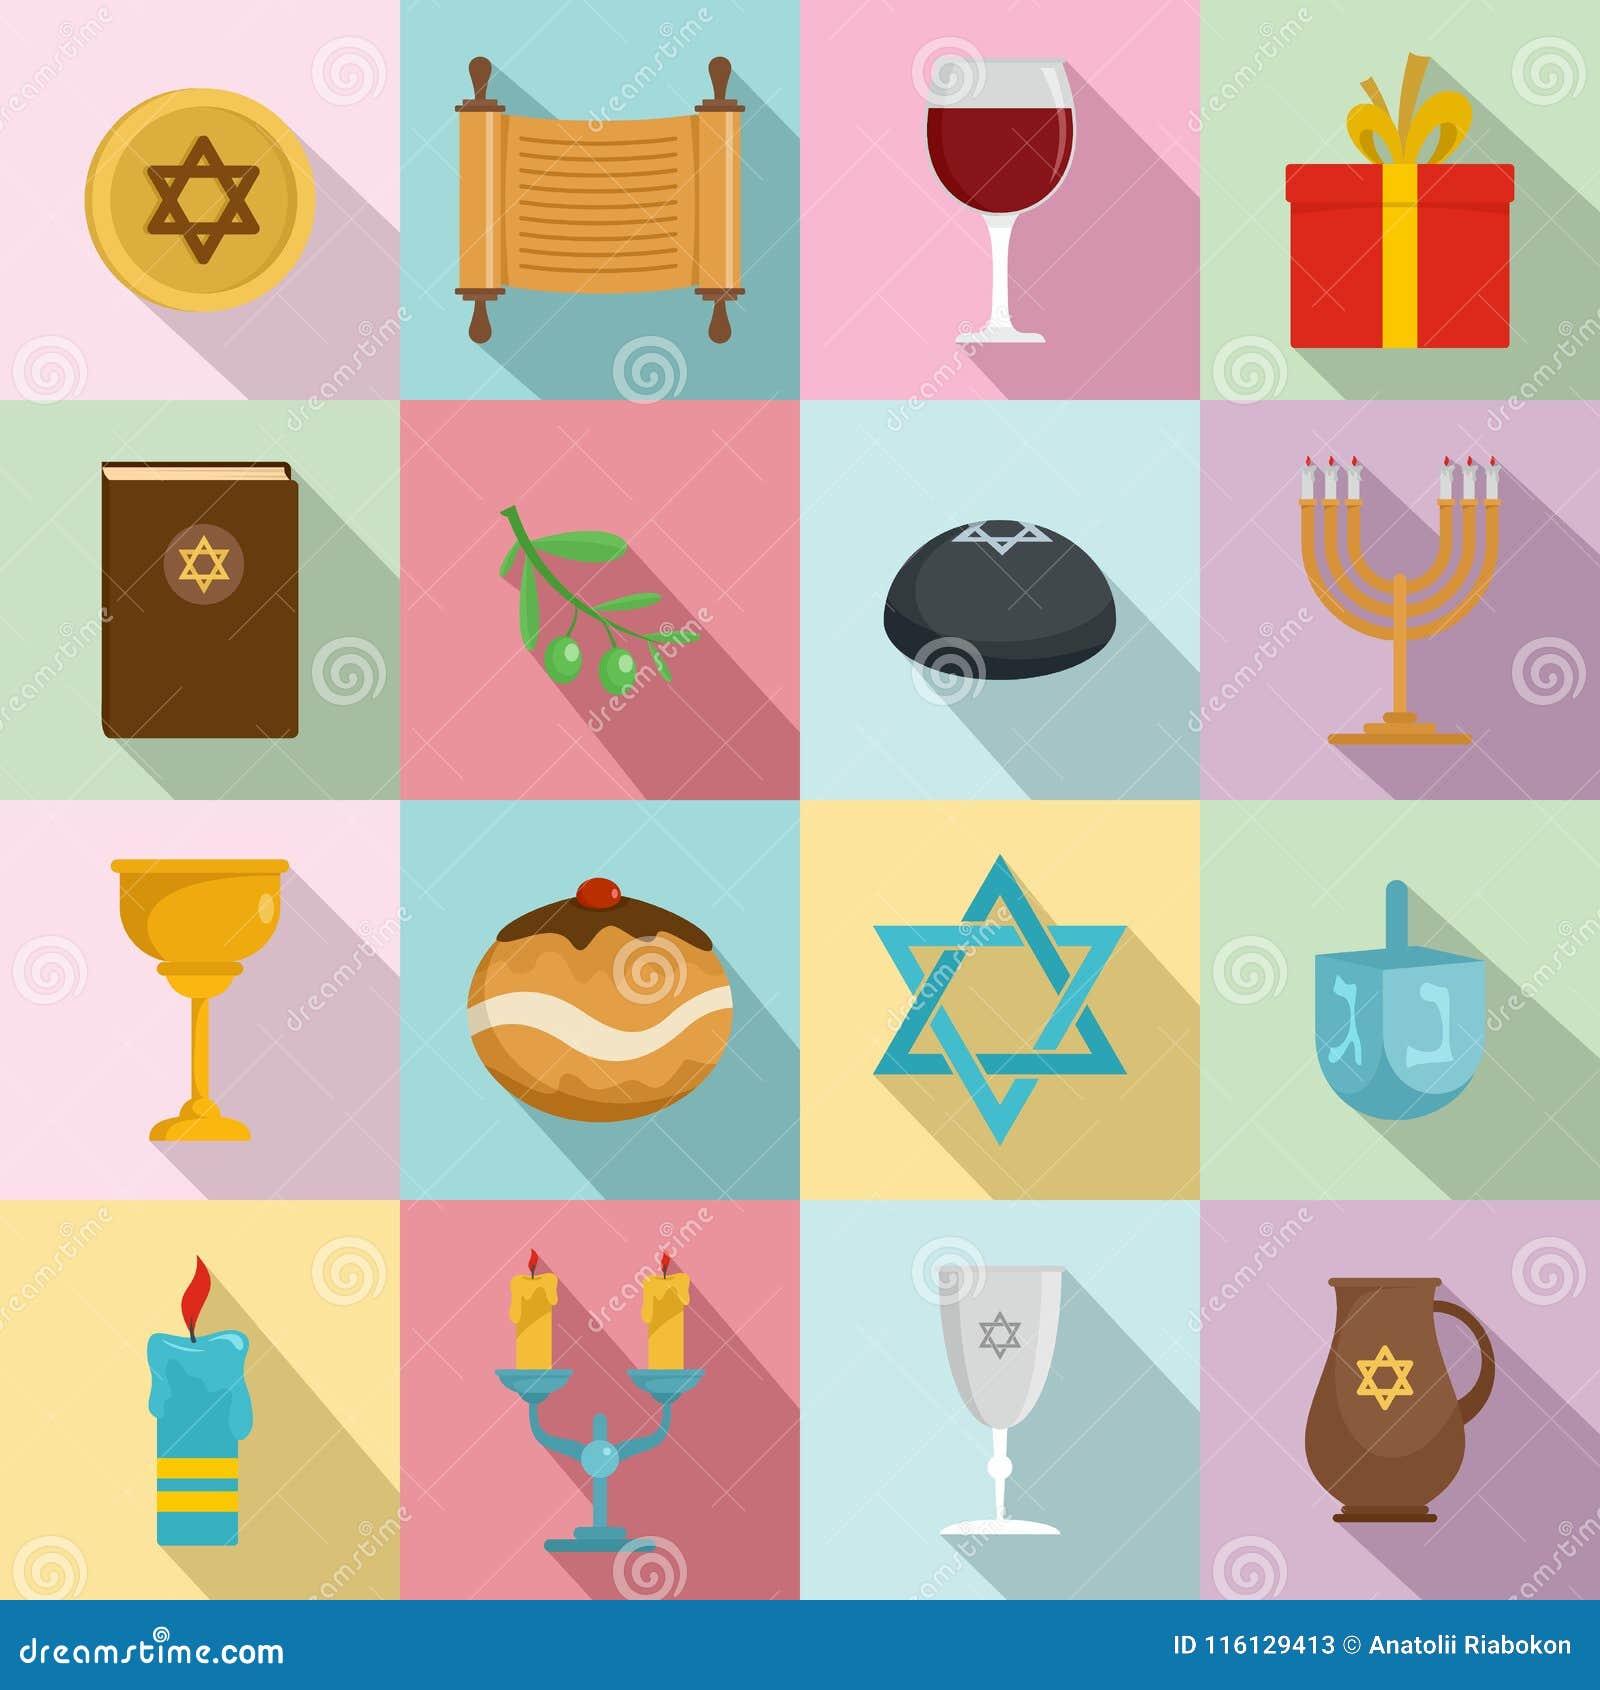 Εβραϊκά εικονίδια διακοπών Chanukah καθορισμένα, επίπεδο ύφος